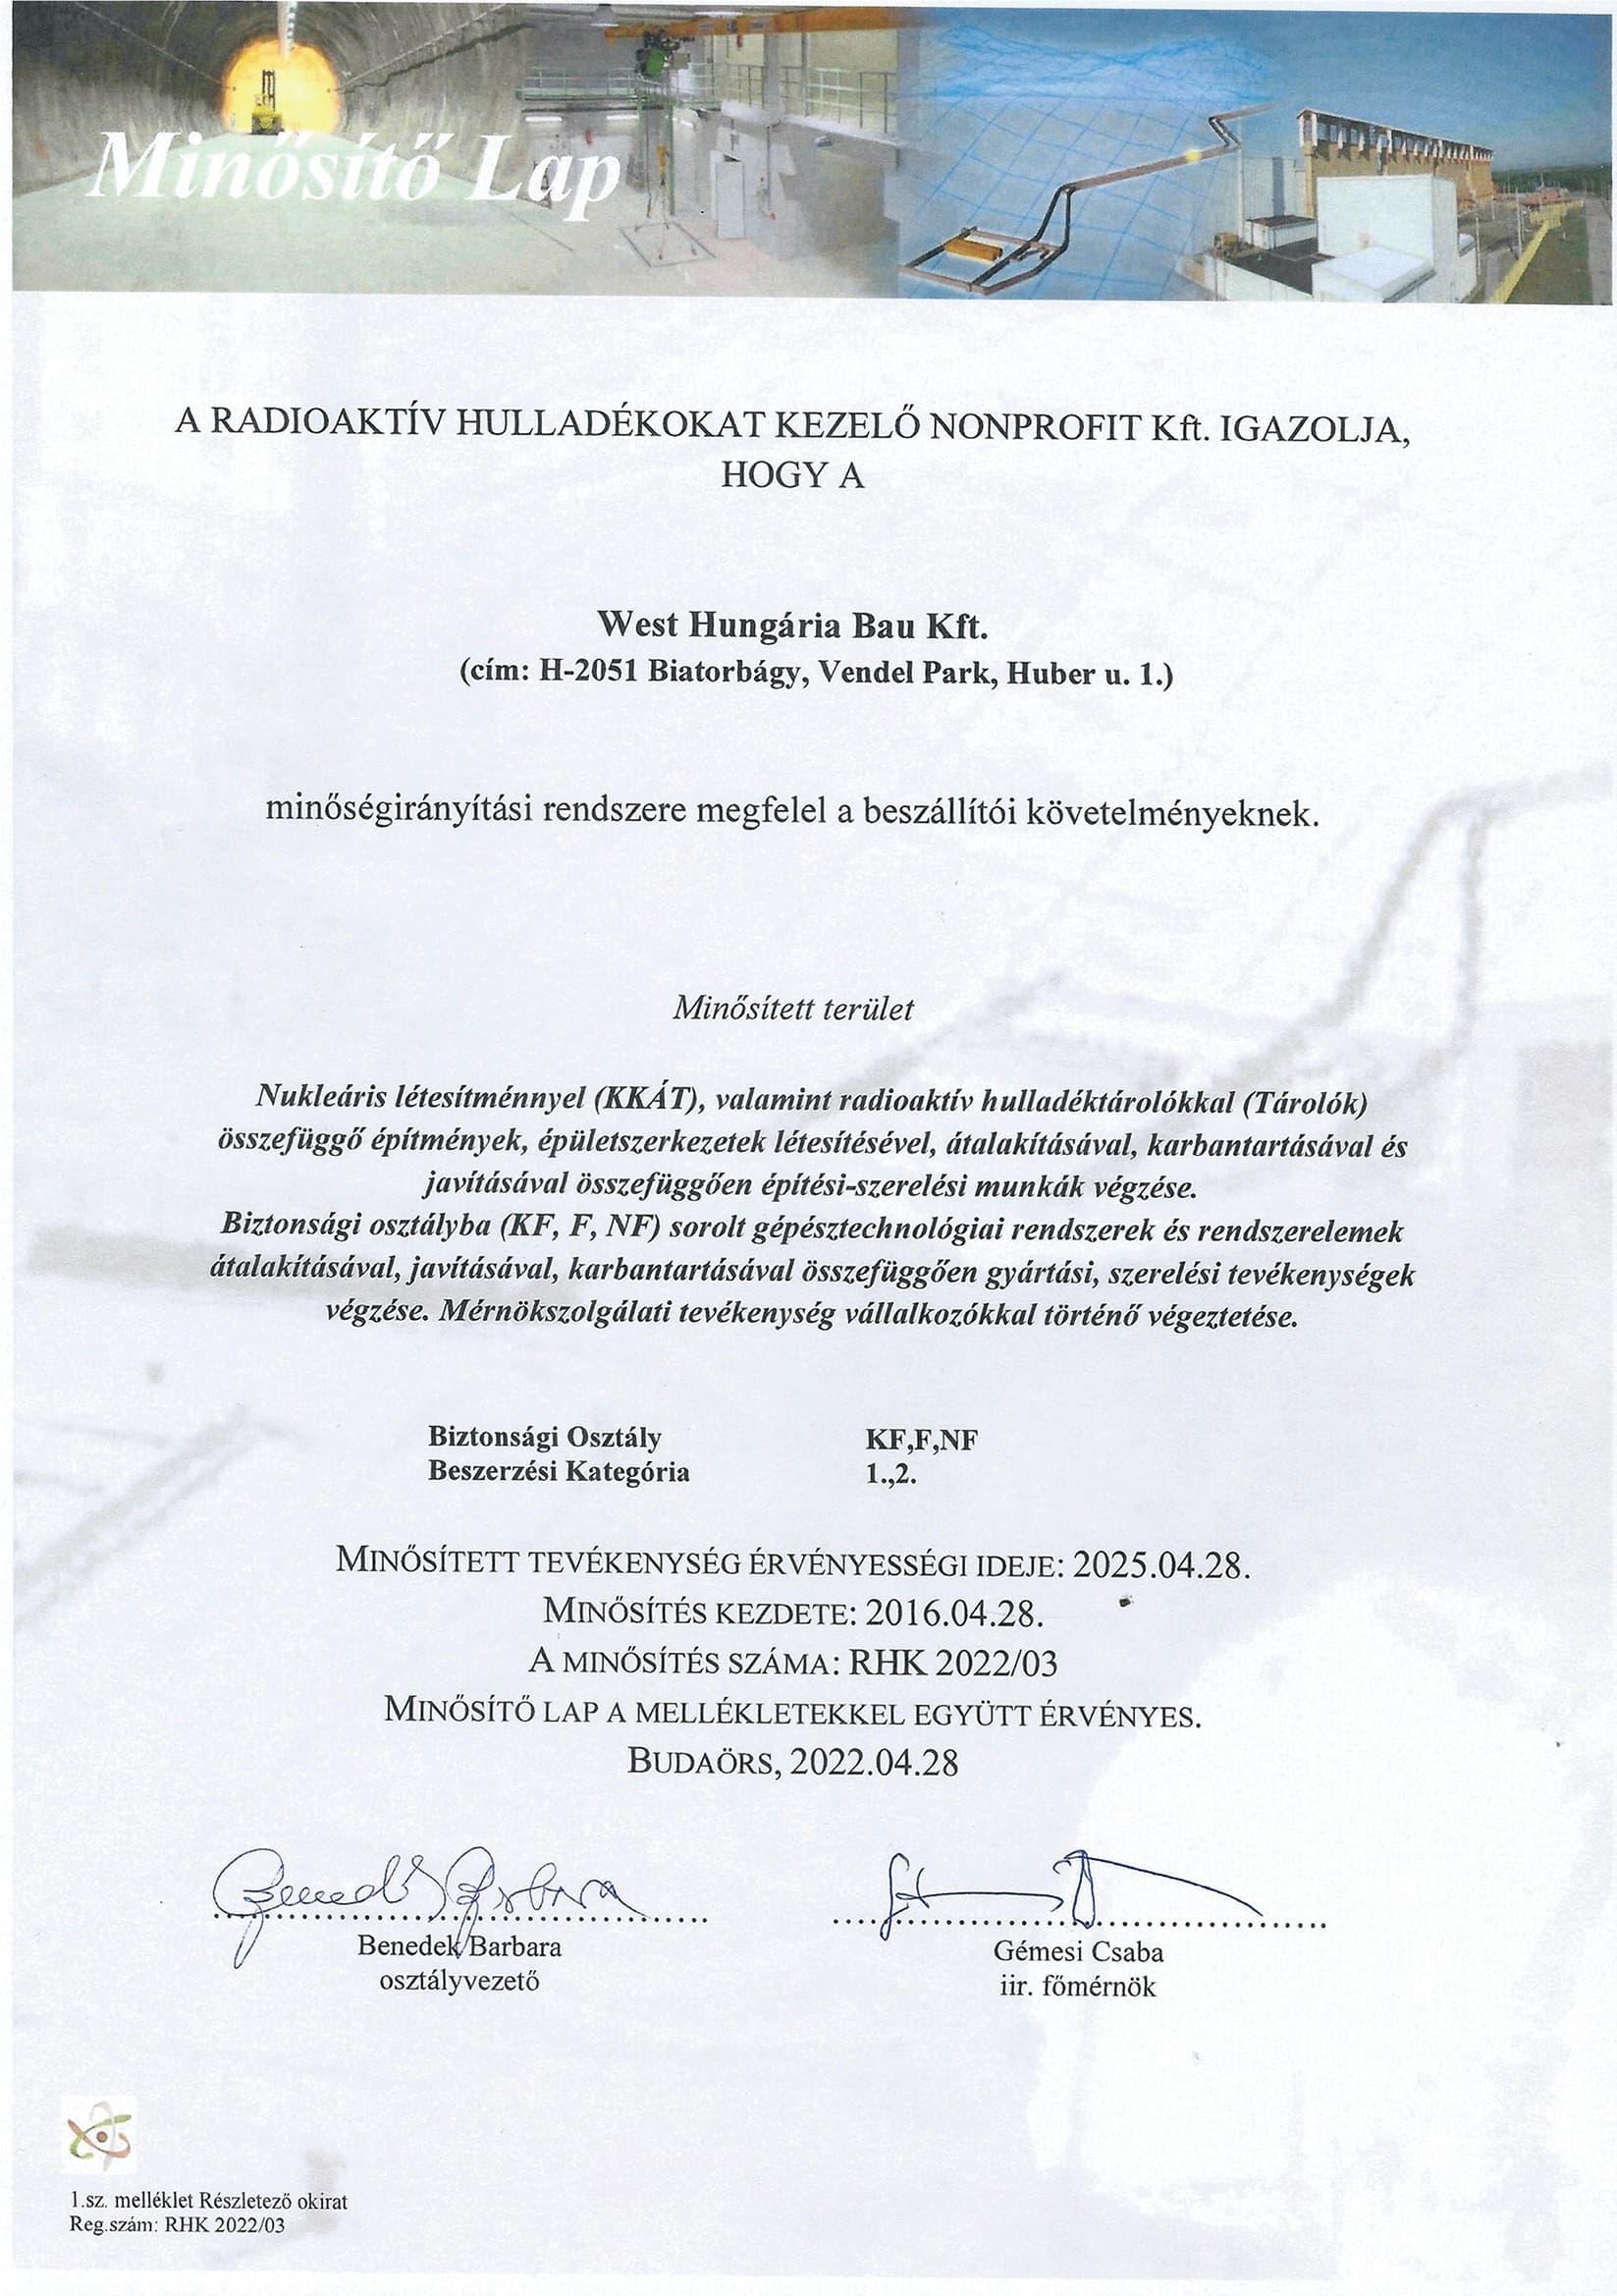 minosito_lap MVM PA Zrt. KM 72-2019-1